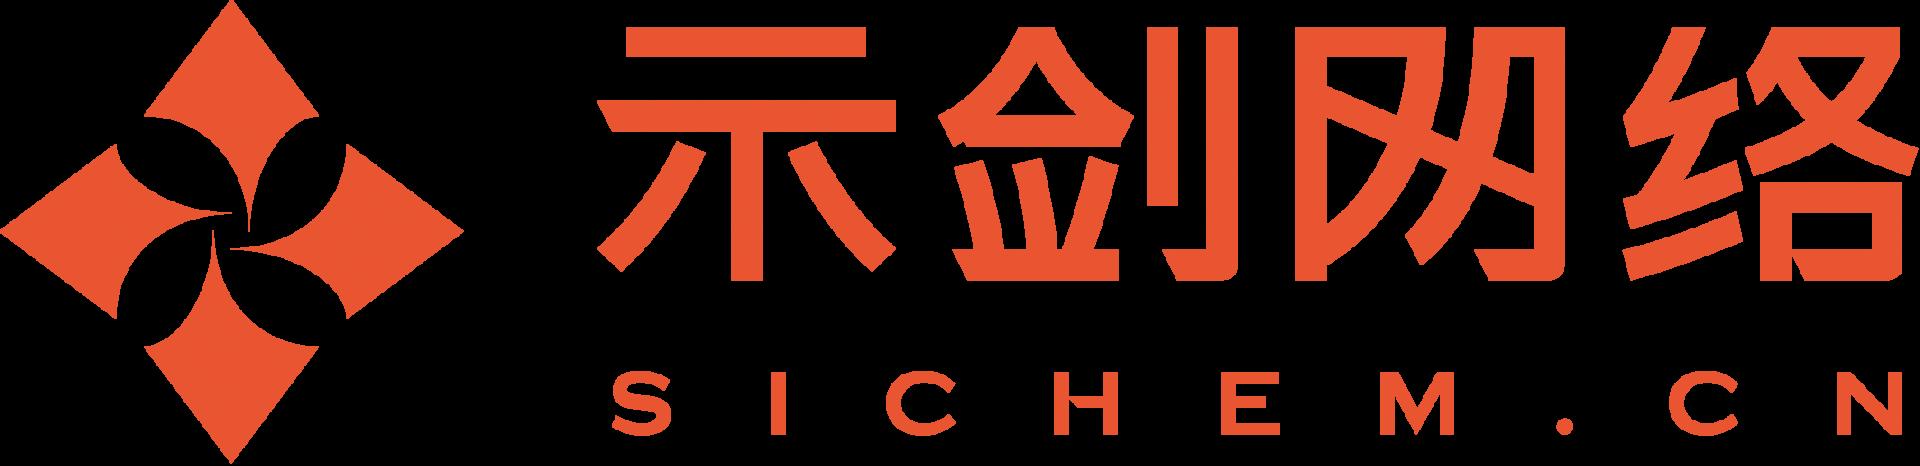 沈阳示剑网络科技股份有限公司